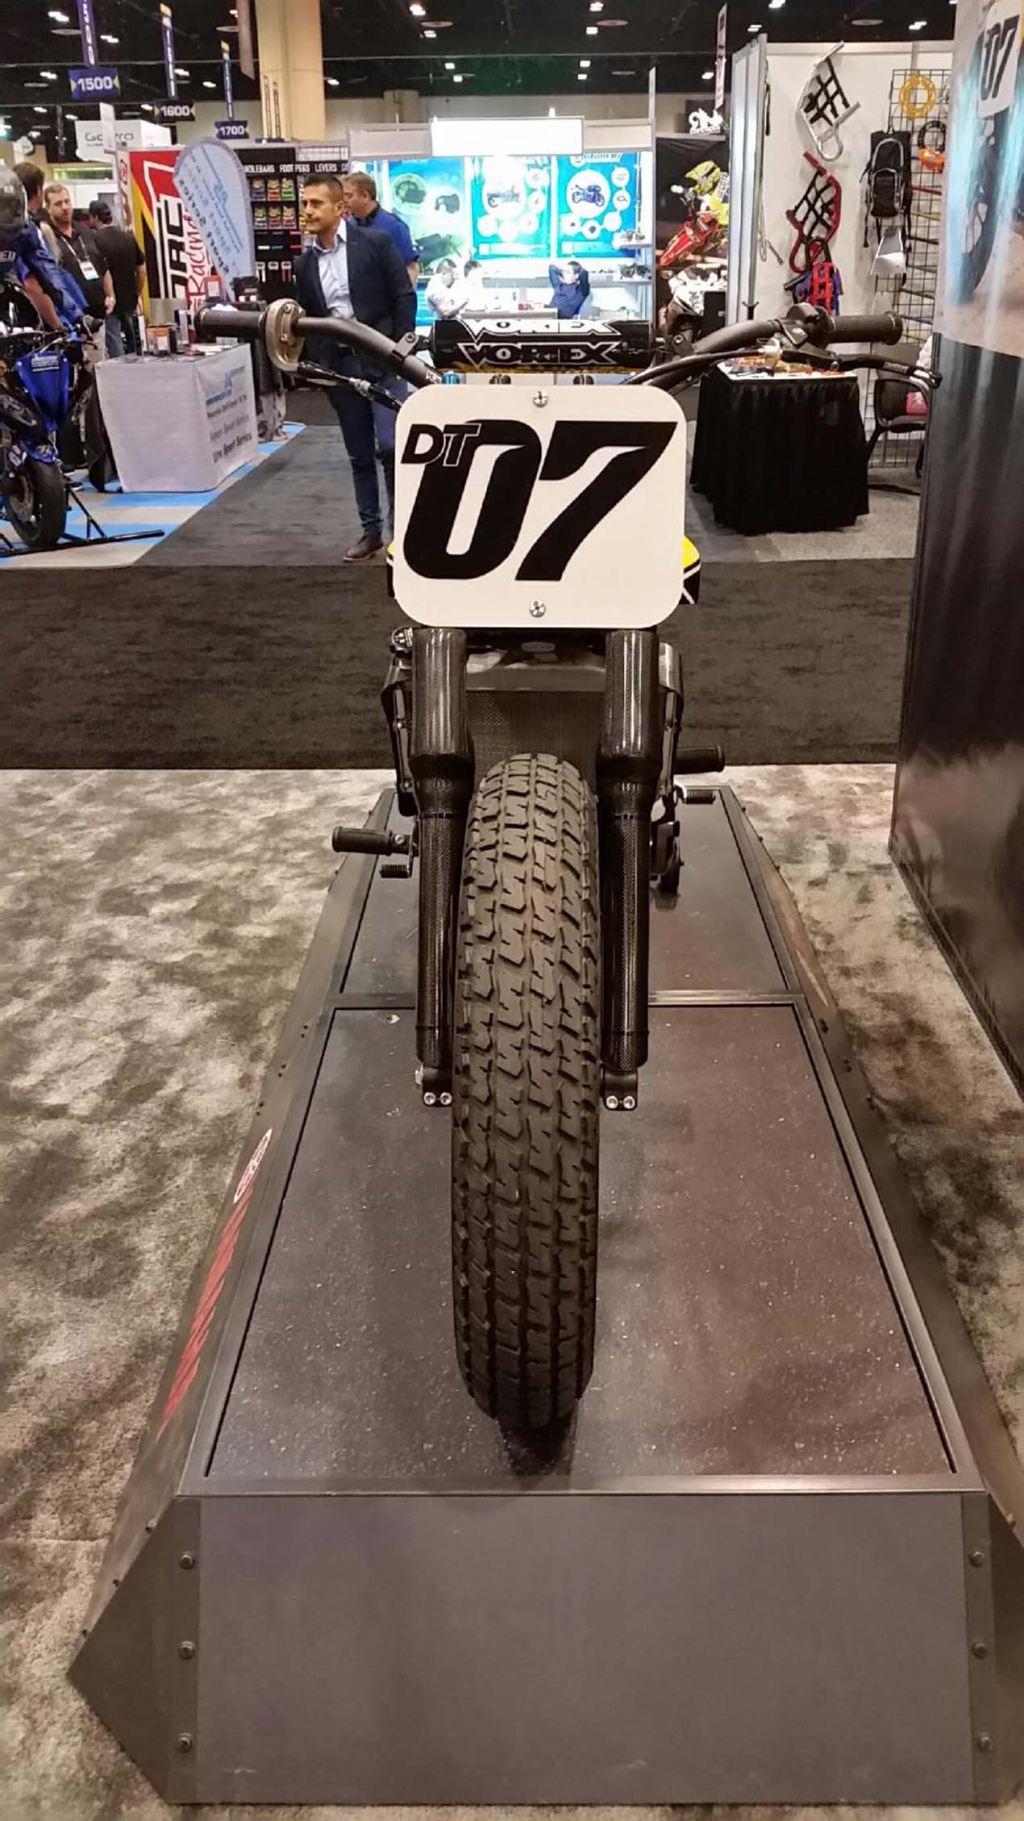 Yamaha DT-07 Flat Track Konsepti Görücüye Çıktı! 2. İçerik Fotoğrafı